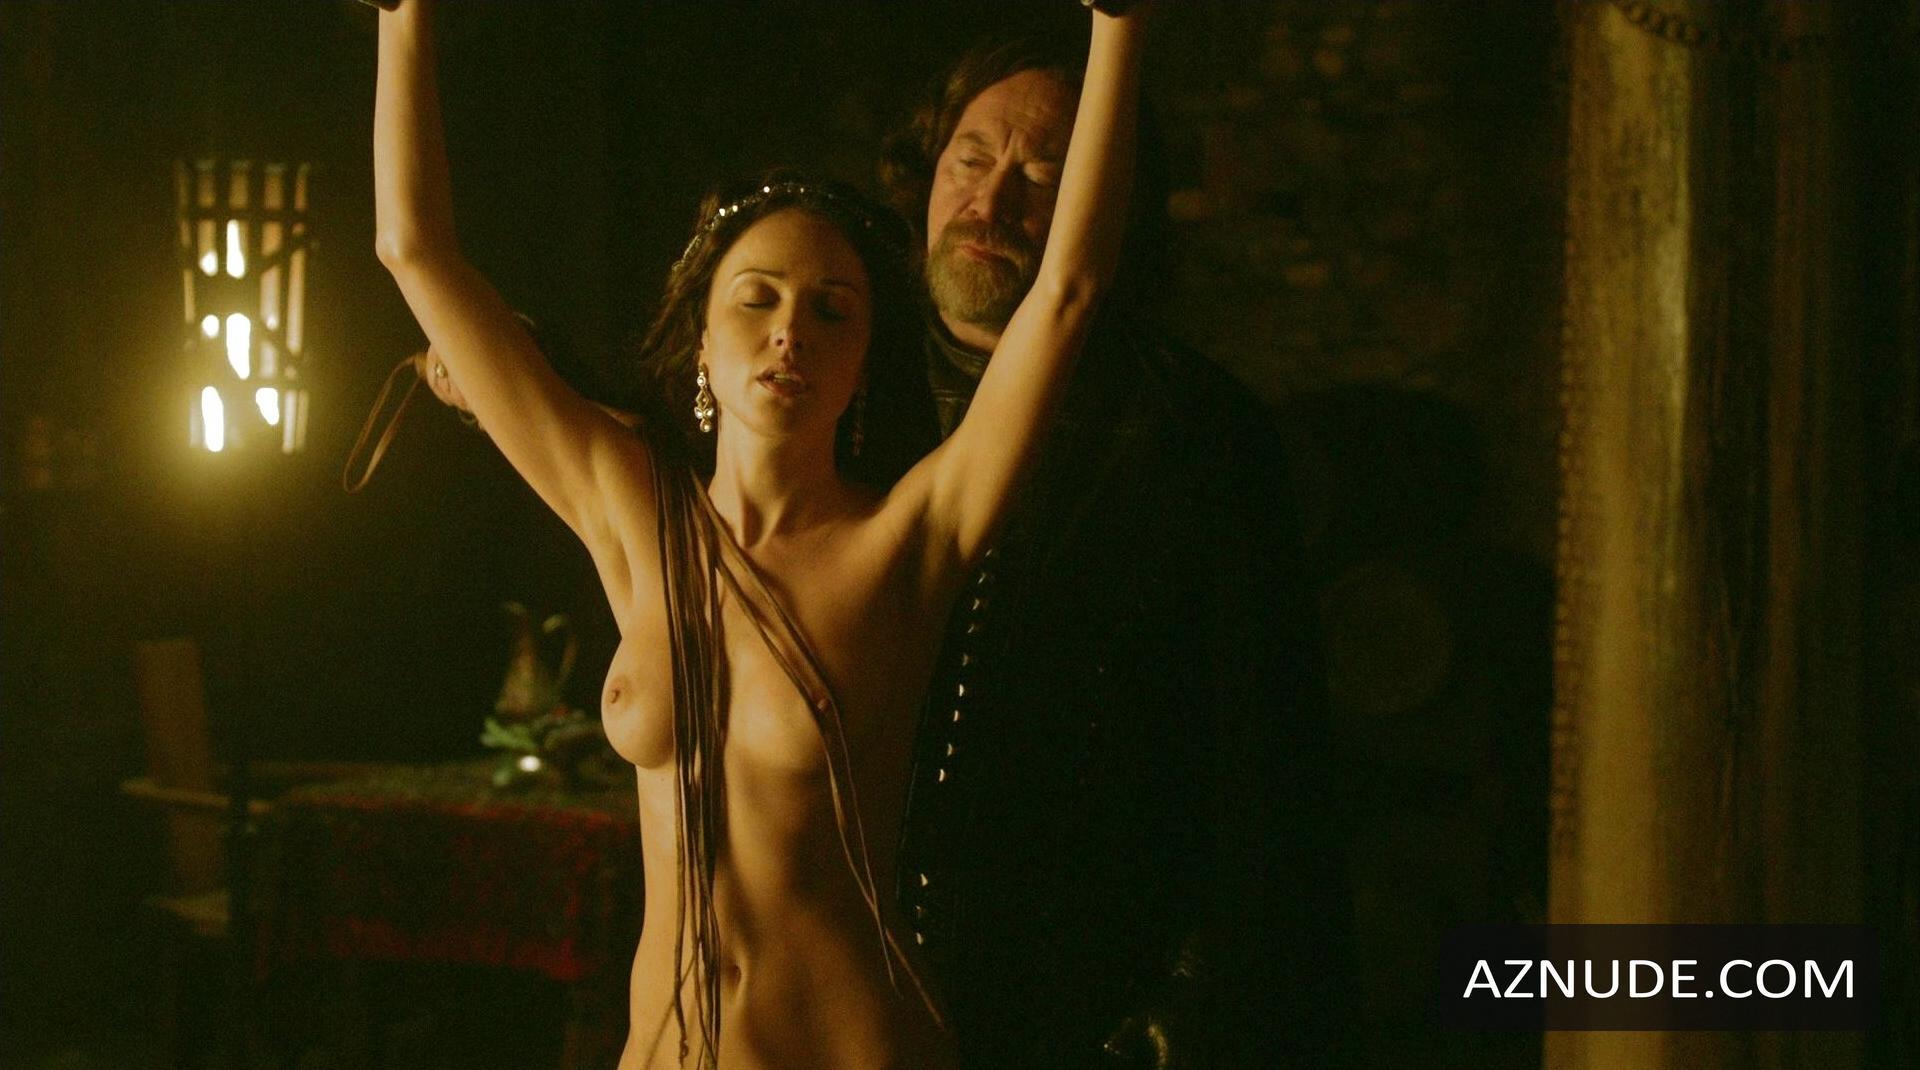 vikings nude